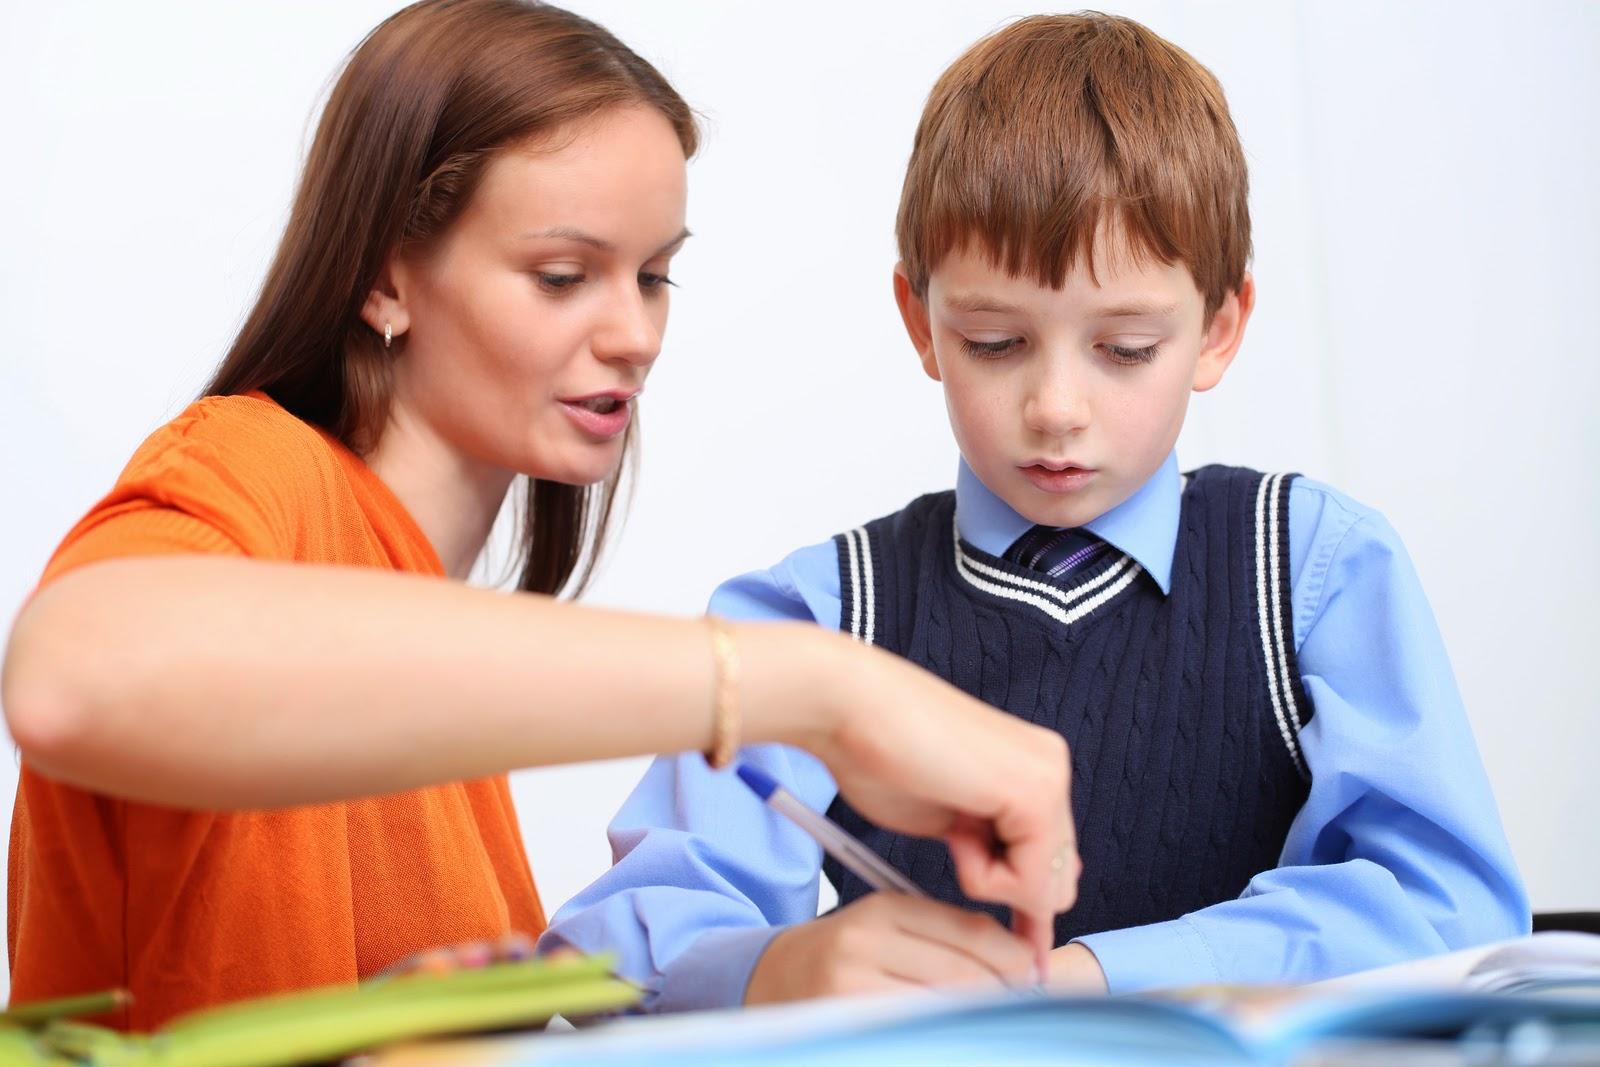 VnnewsMedia.com - Tìm kiếm việc làm giáo viên dạy trẻ ở nhà khó hay dễ?